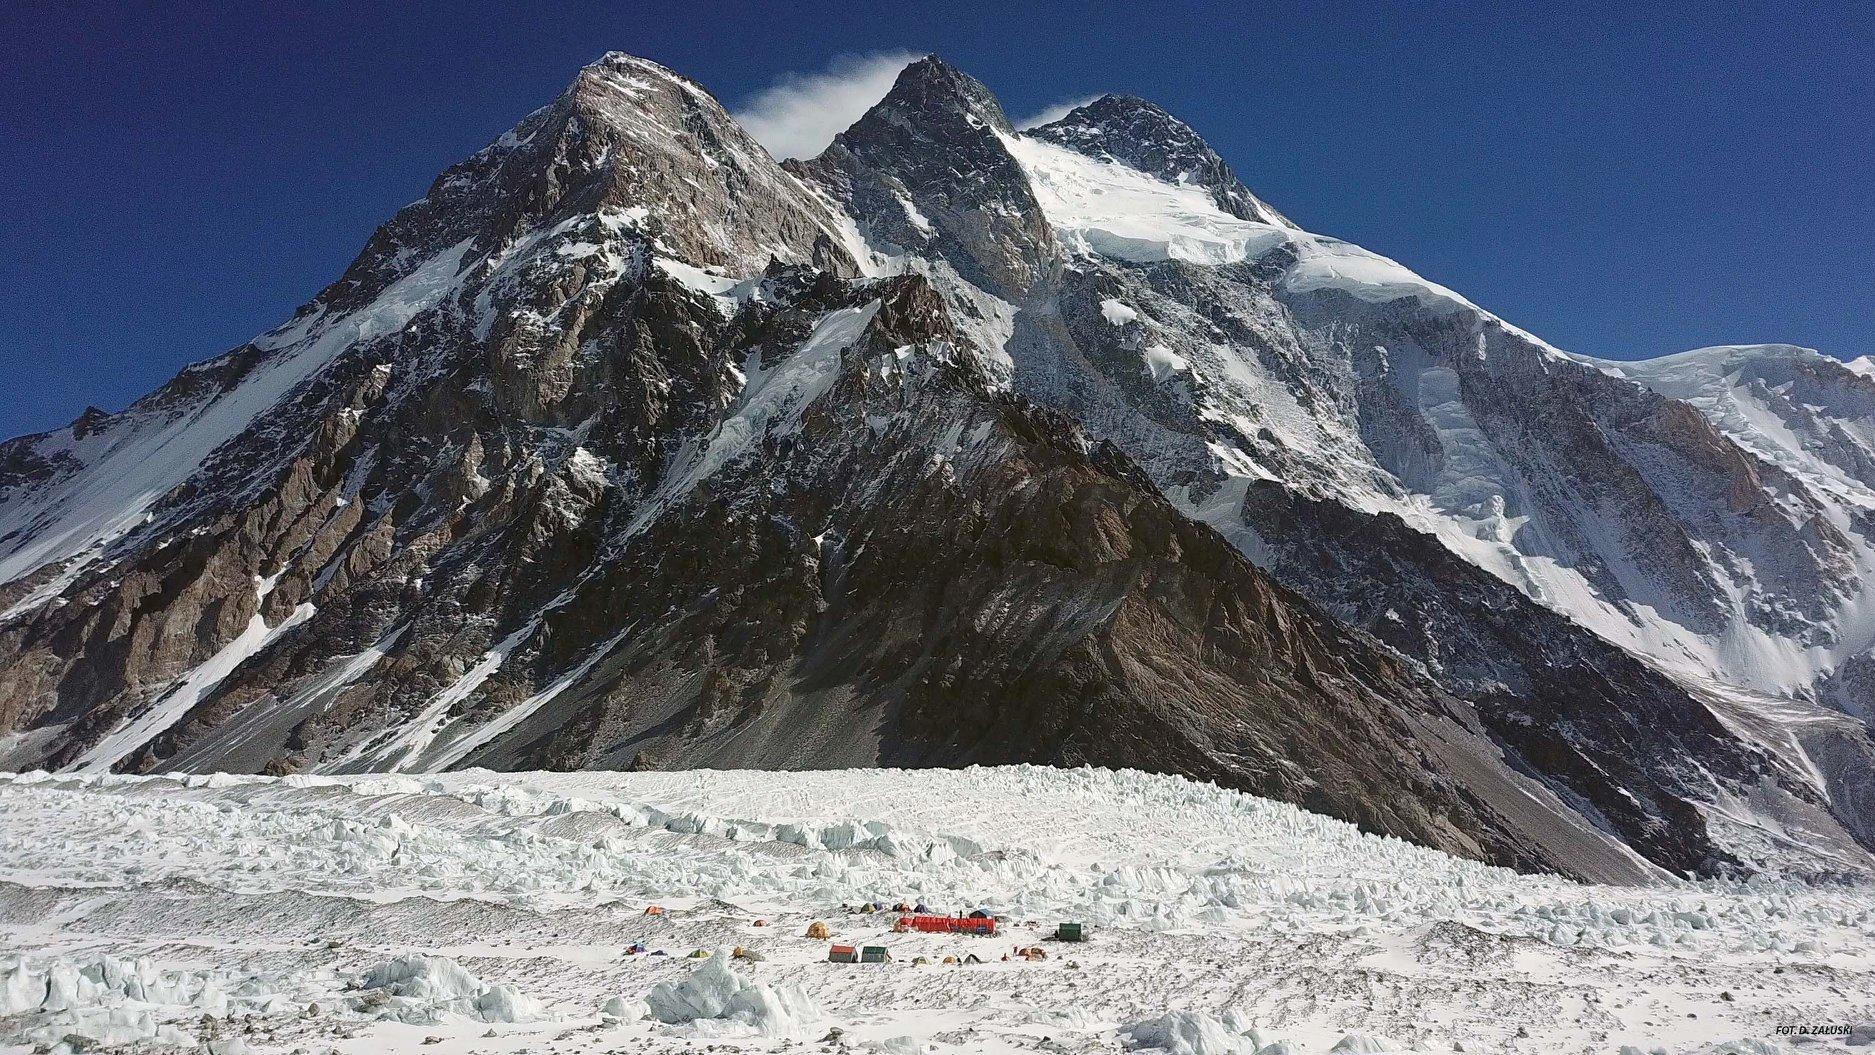 Tybetu, K2, polscy himalaiści, himalaizm, himalaje, karakorum, baza, obóz, wspinanie, zima